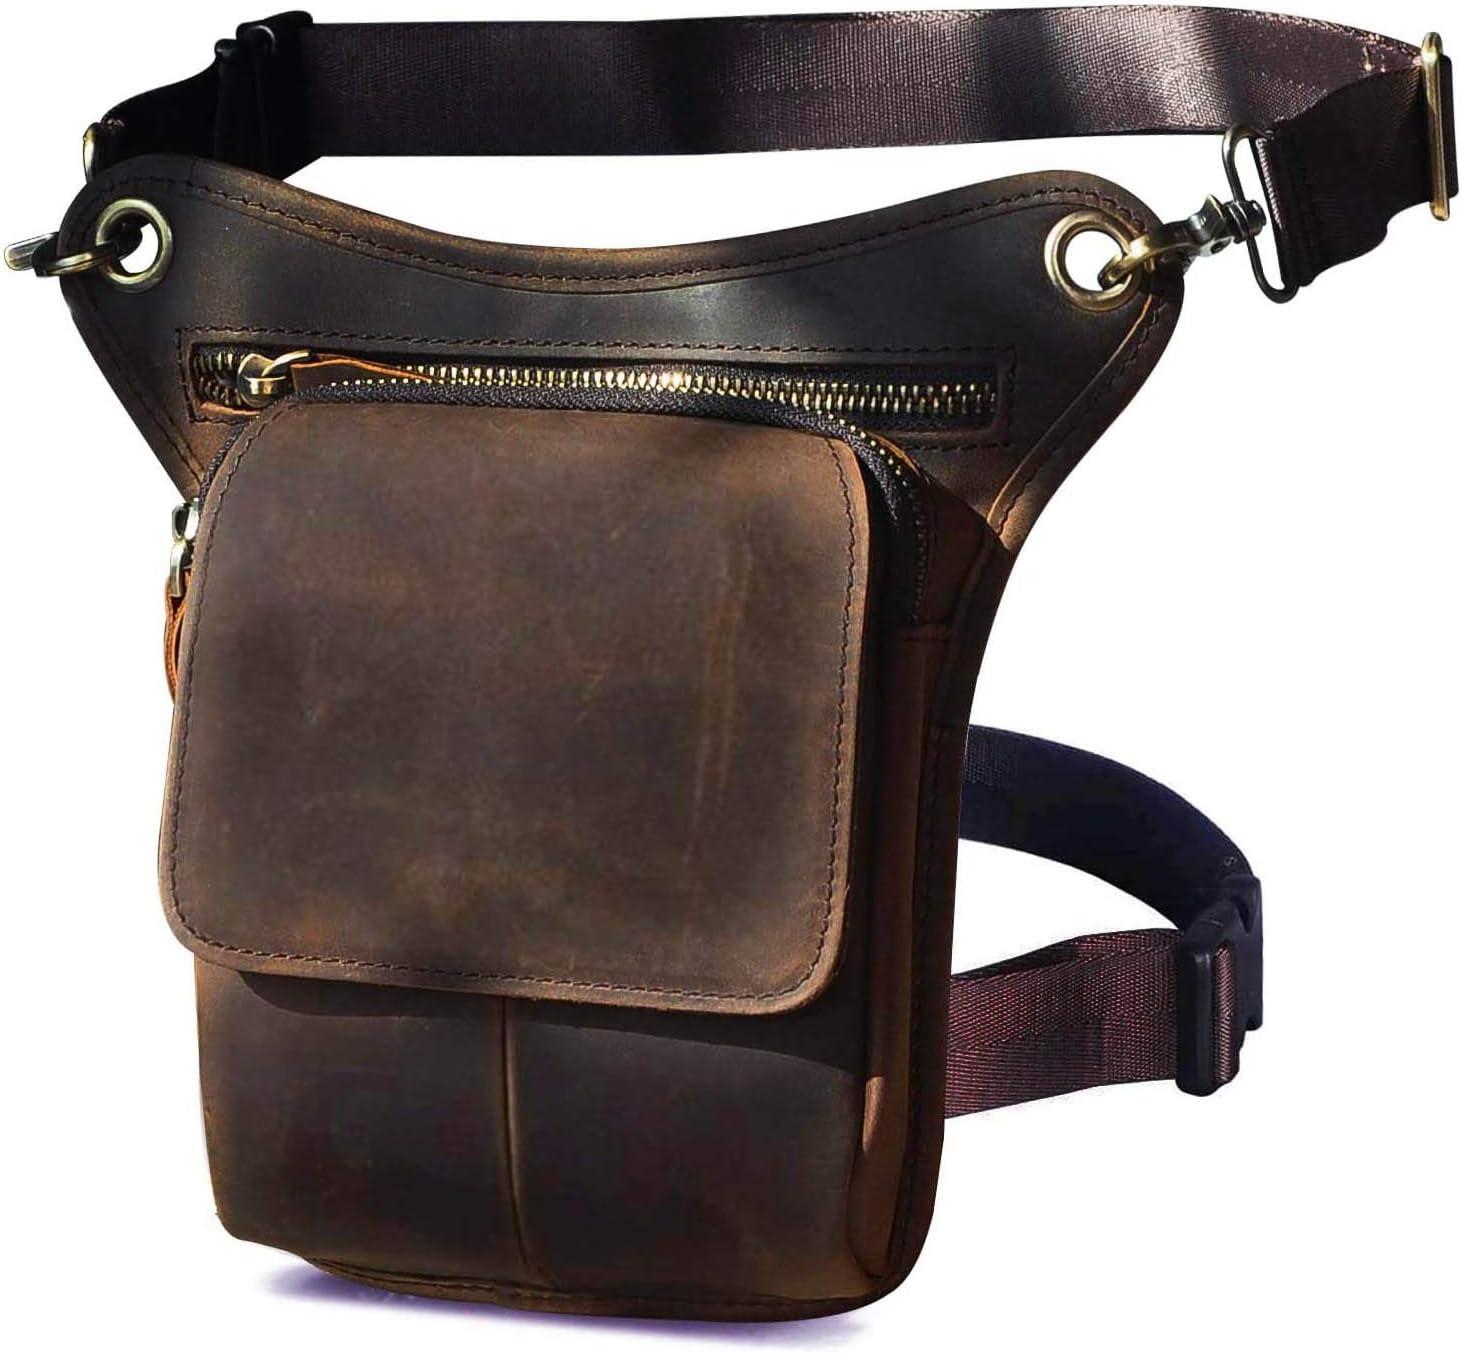 Le'aokuu Hombres Cuero Genuino Bolso Cintura Bolso pierna Multifuncional Militar Táctico Bolsa de cardera Senderismo Deportes Camping 211-1 (1 211-1 A marrón)